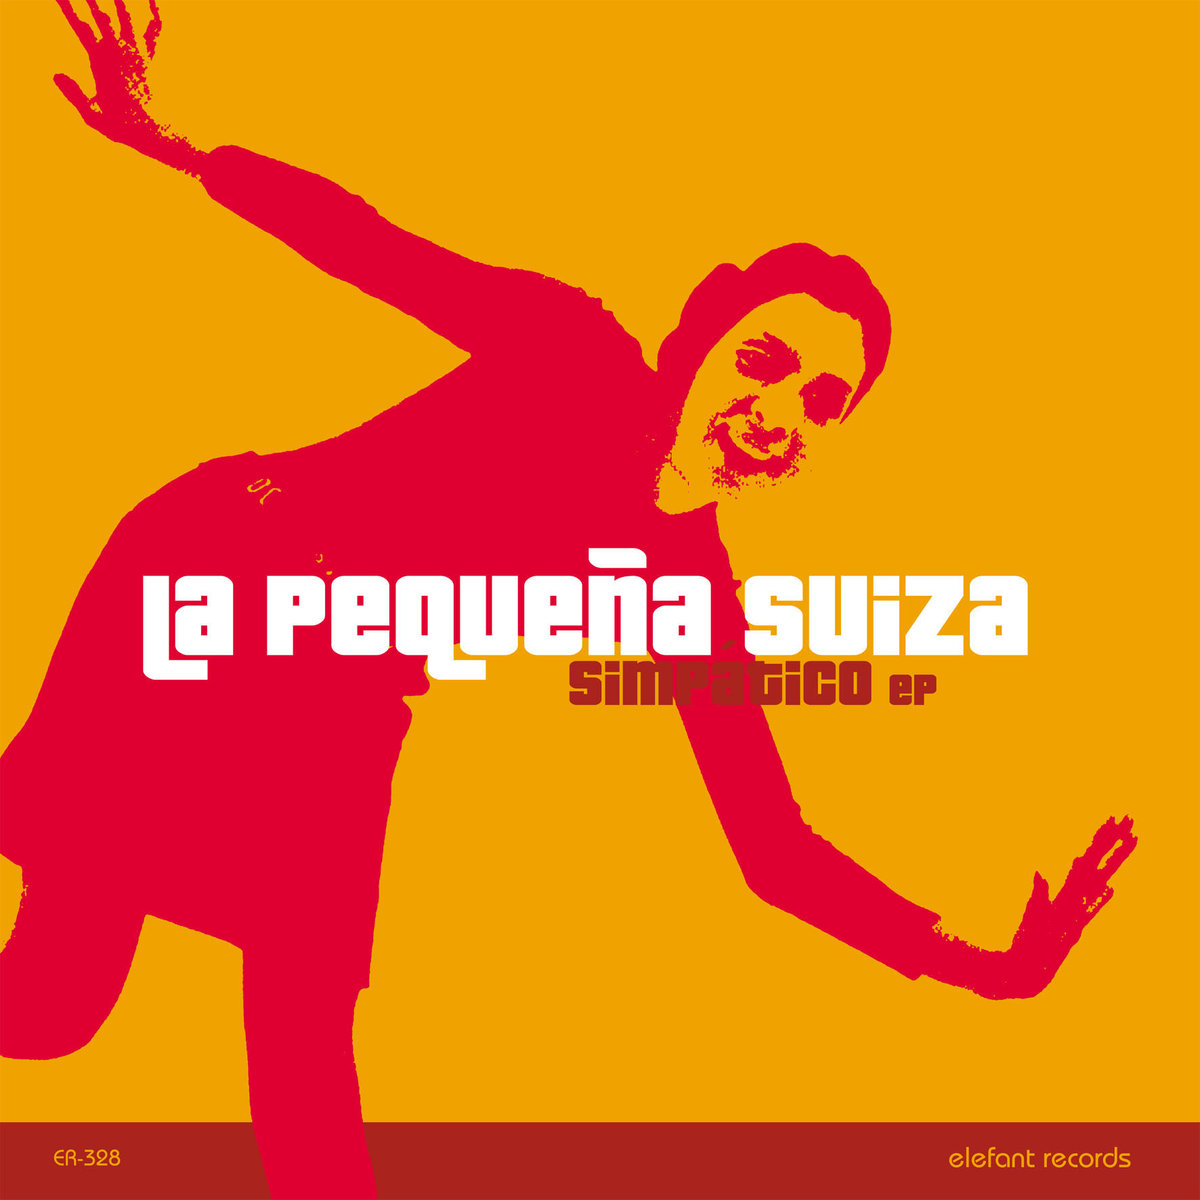 La Pequeña Suiza - Simpático EP - Precio: 16 €